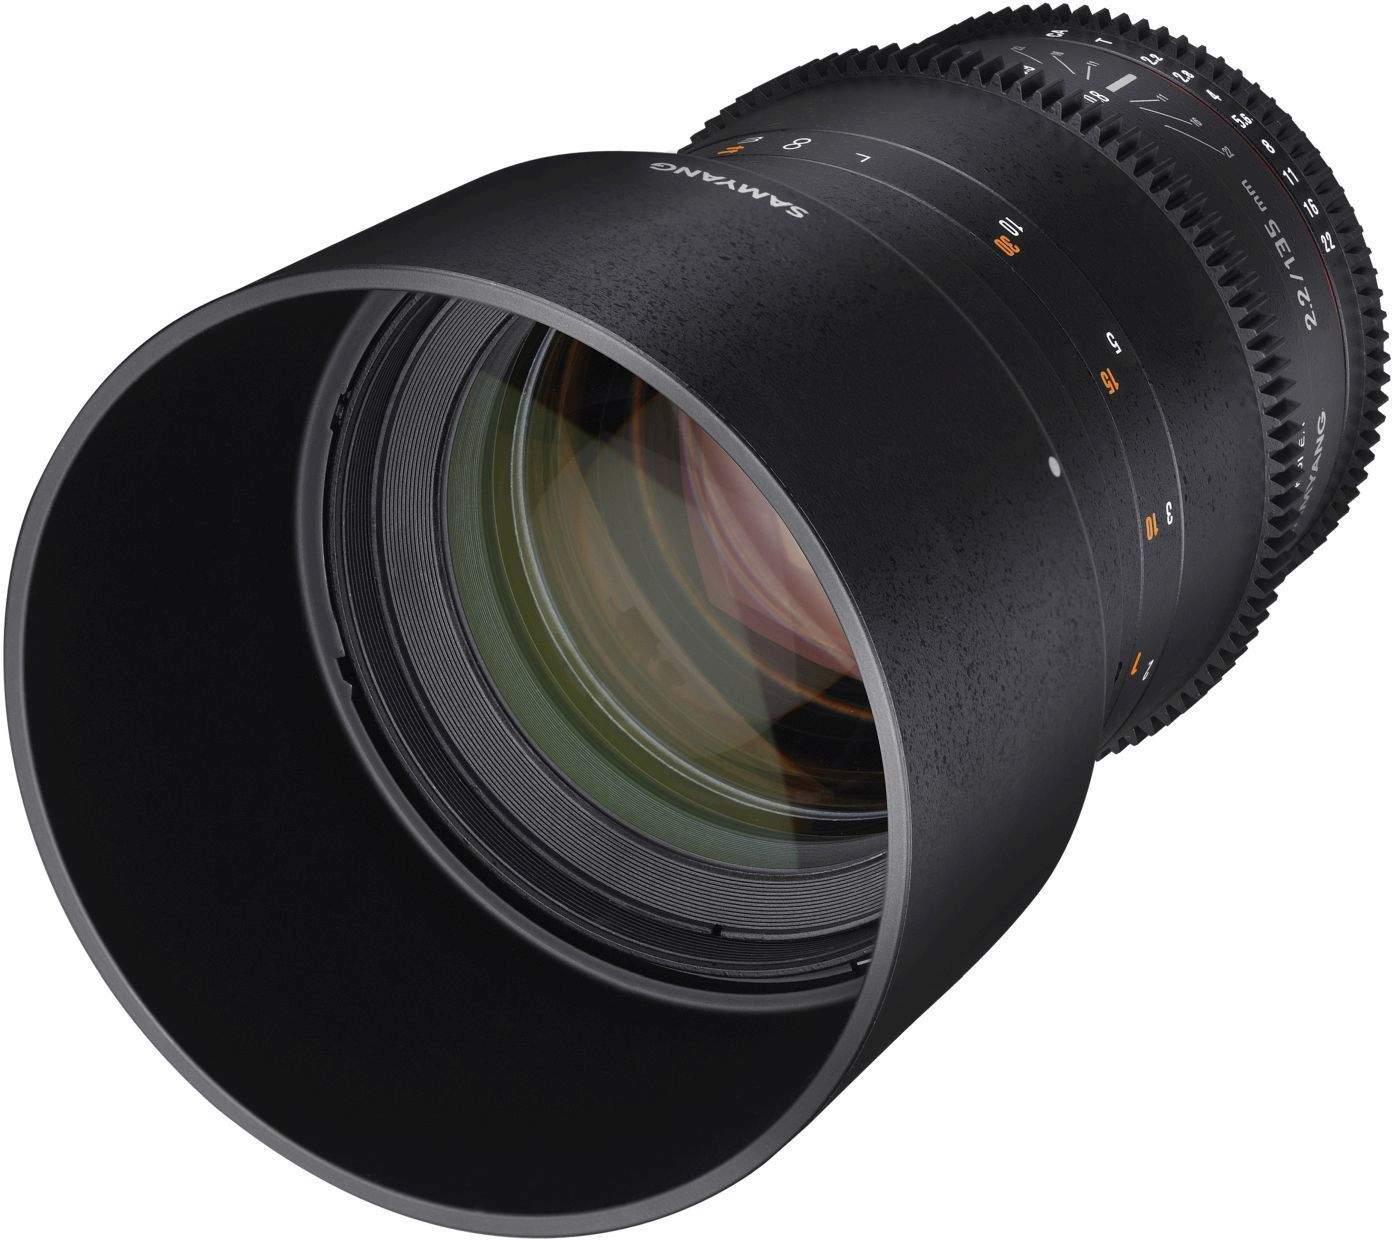 Samyang 135mm T2.2 UMC II Sony FE Full Frame VDSLR/Cine Lens main image